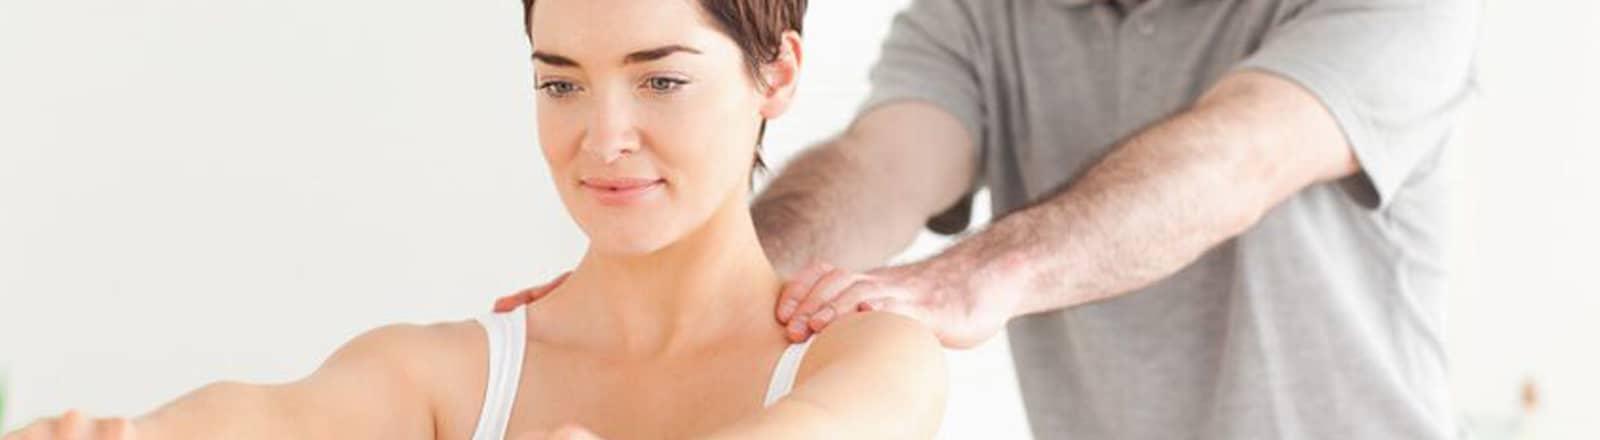 terapia manual fisioterapia a domicilio